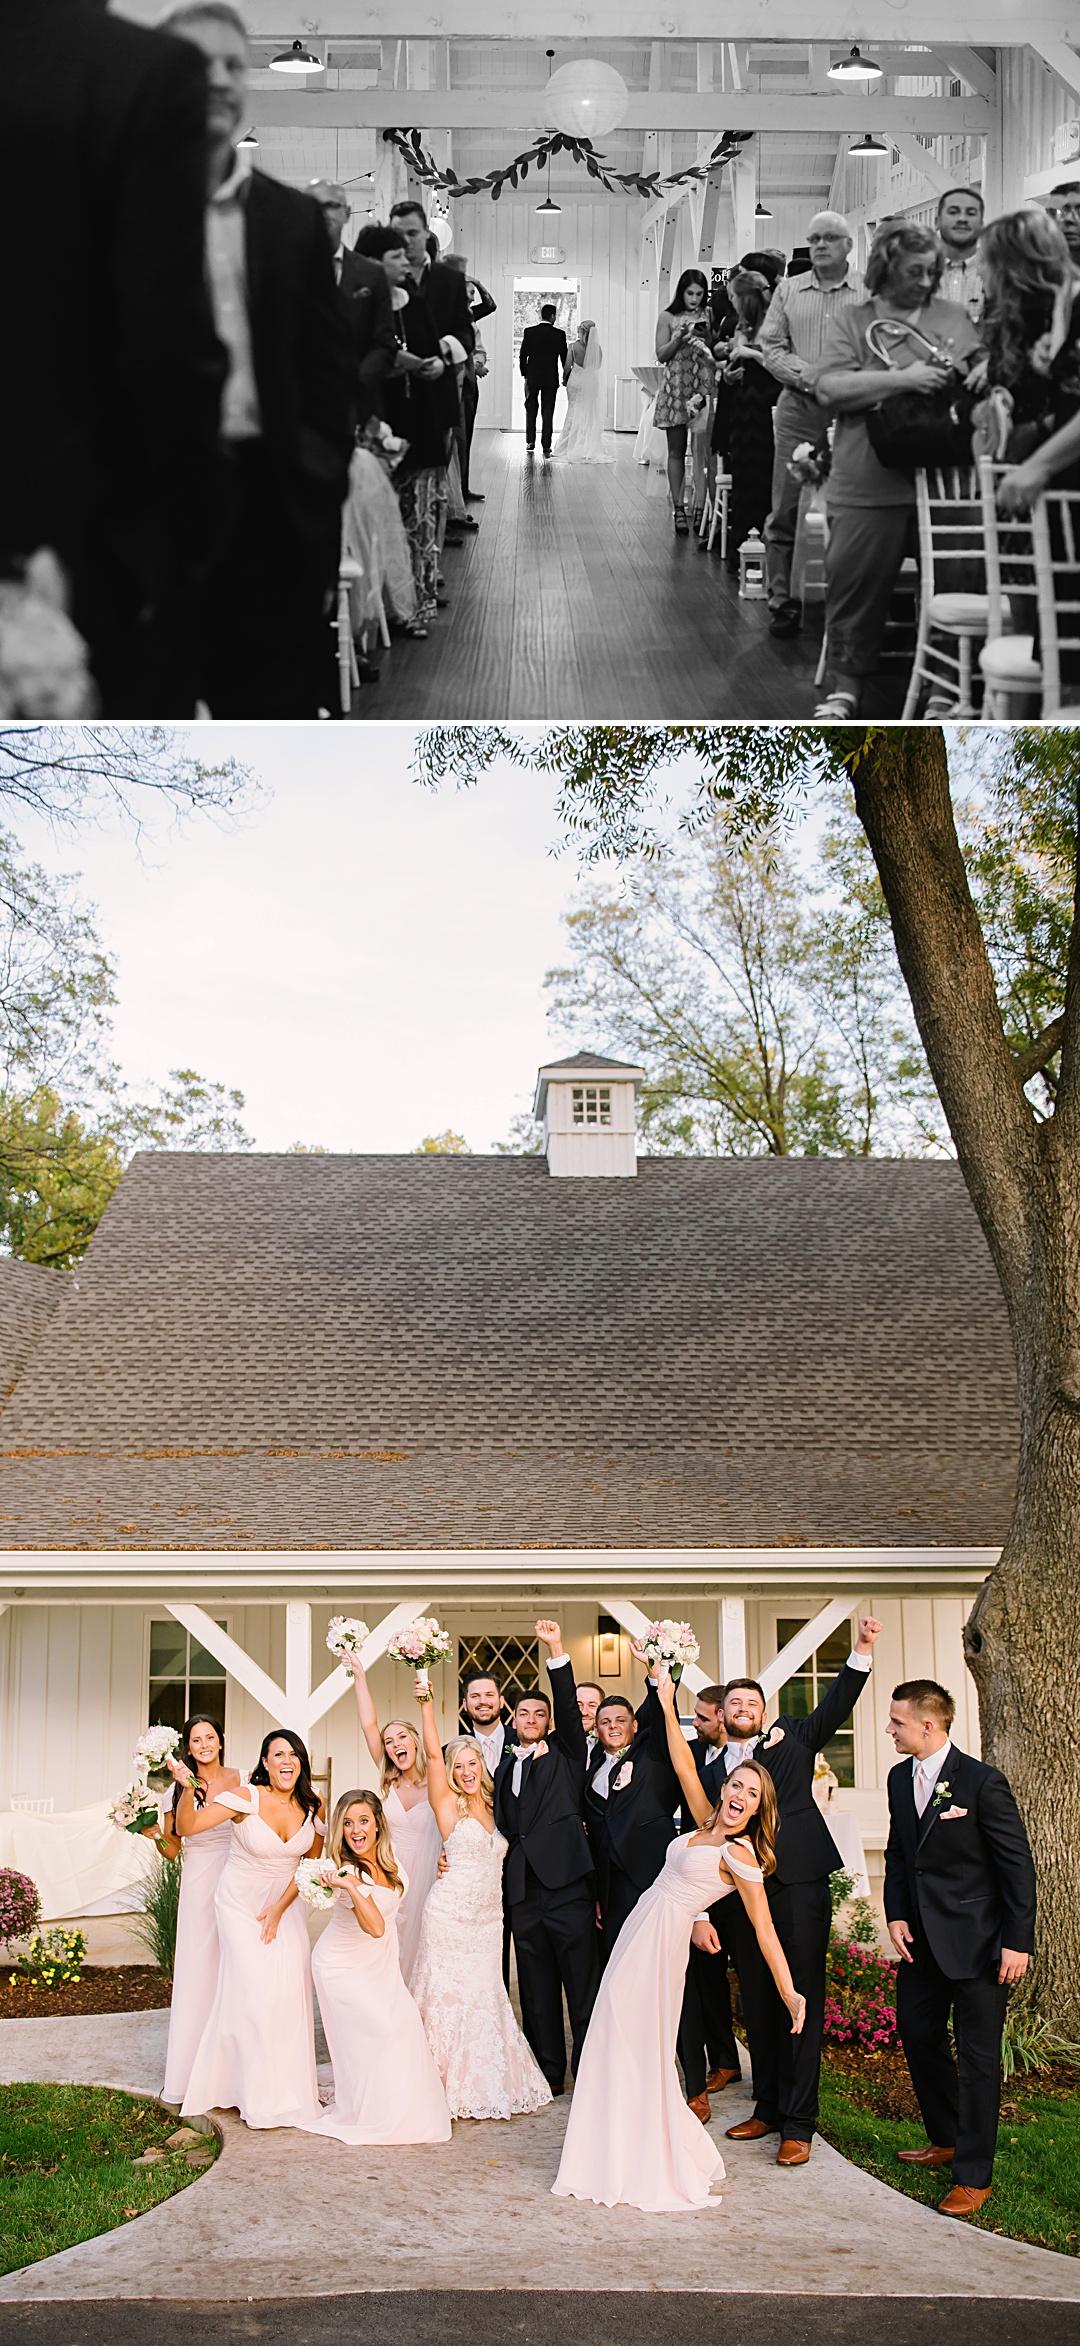 spain-ranch-oklahoma-wedding-venue